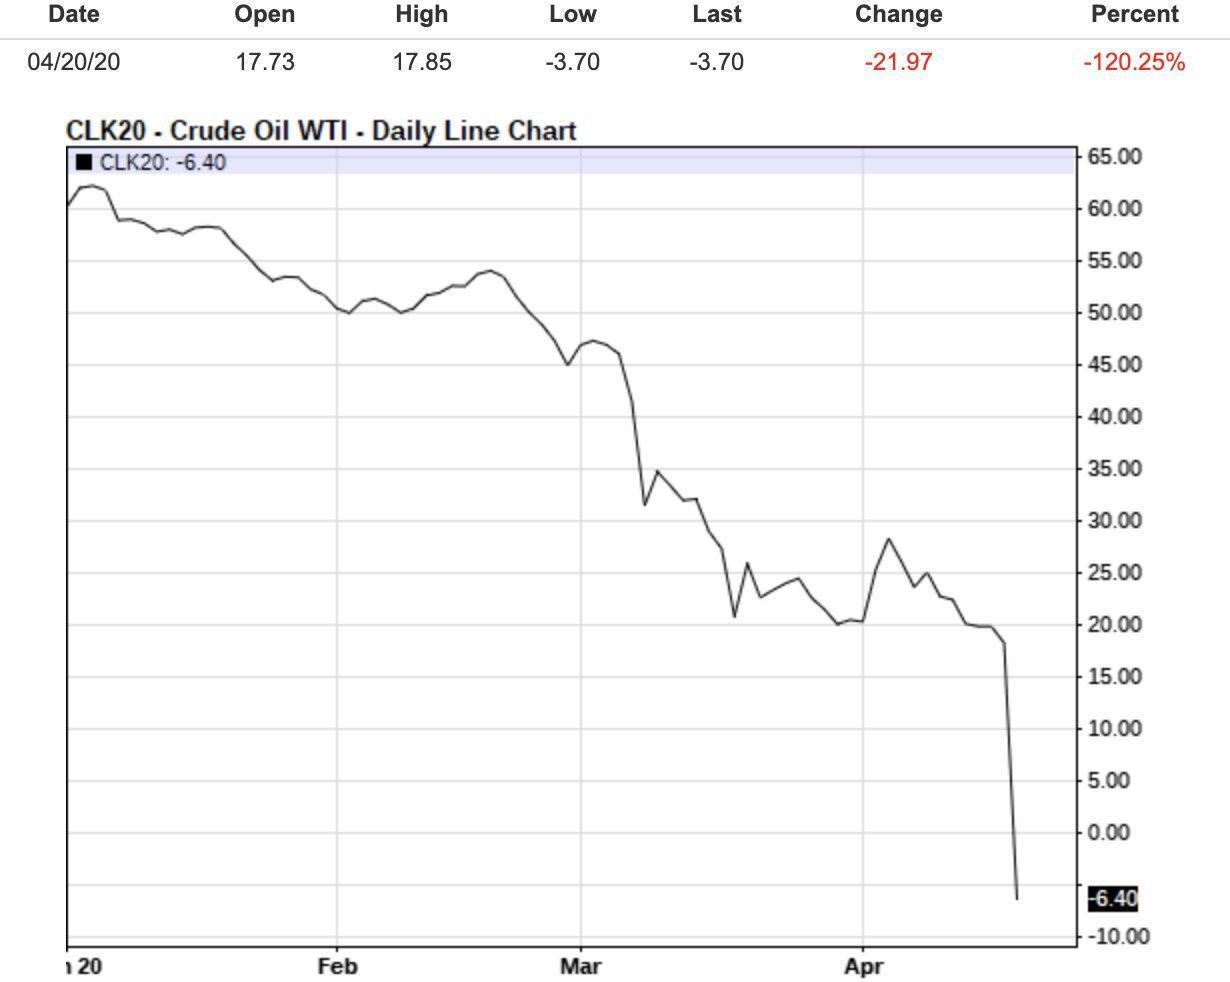 Ціна пішла в мінус: нафта WTI вперше впала до негативної вартості